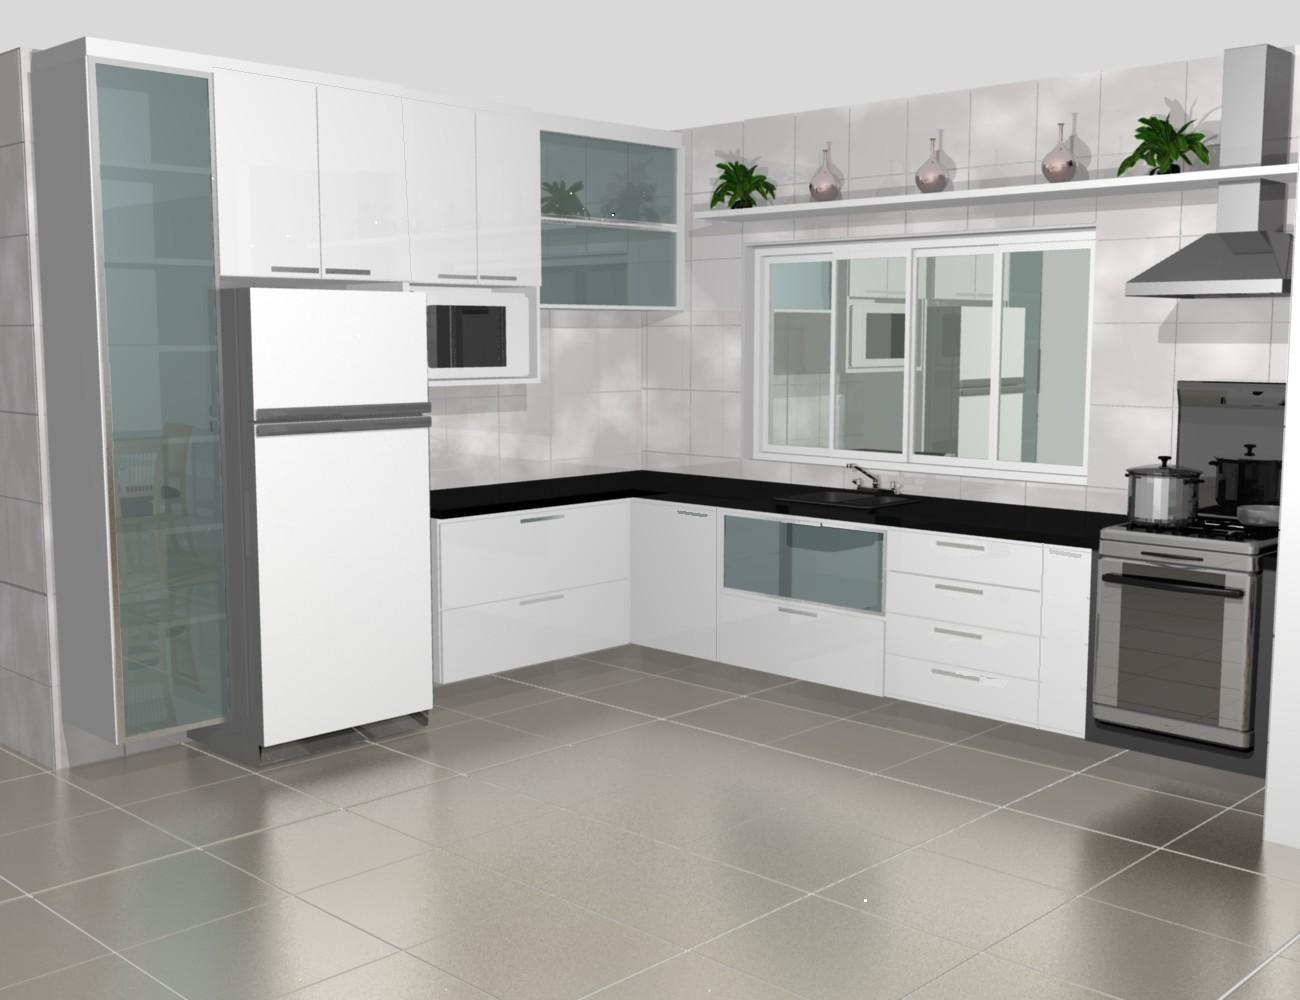 Modelos de cozinhas 4 pictures to pin on pinterest - Modelos De Cozinhas Planejadas